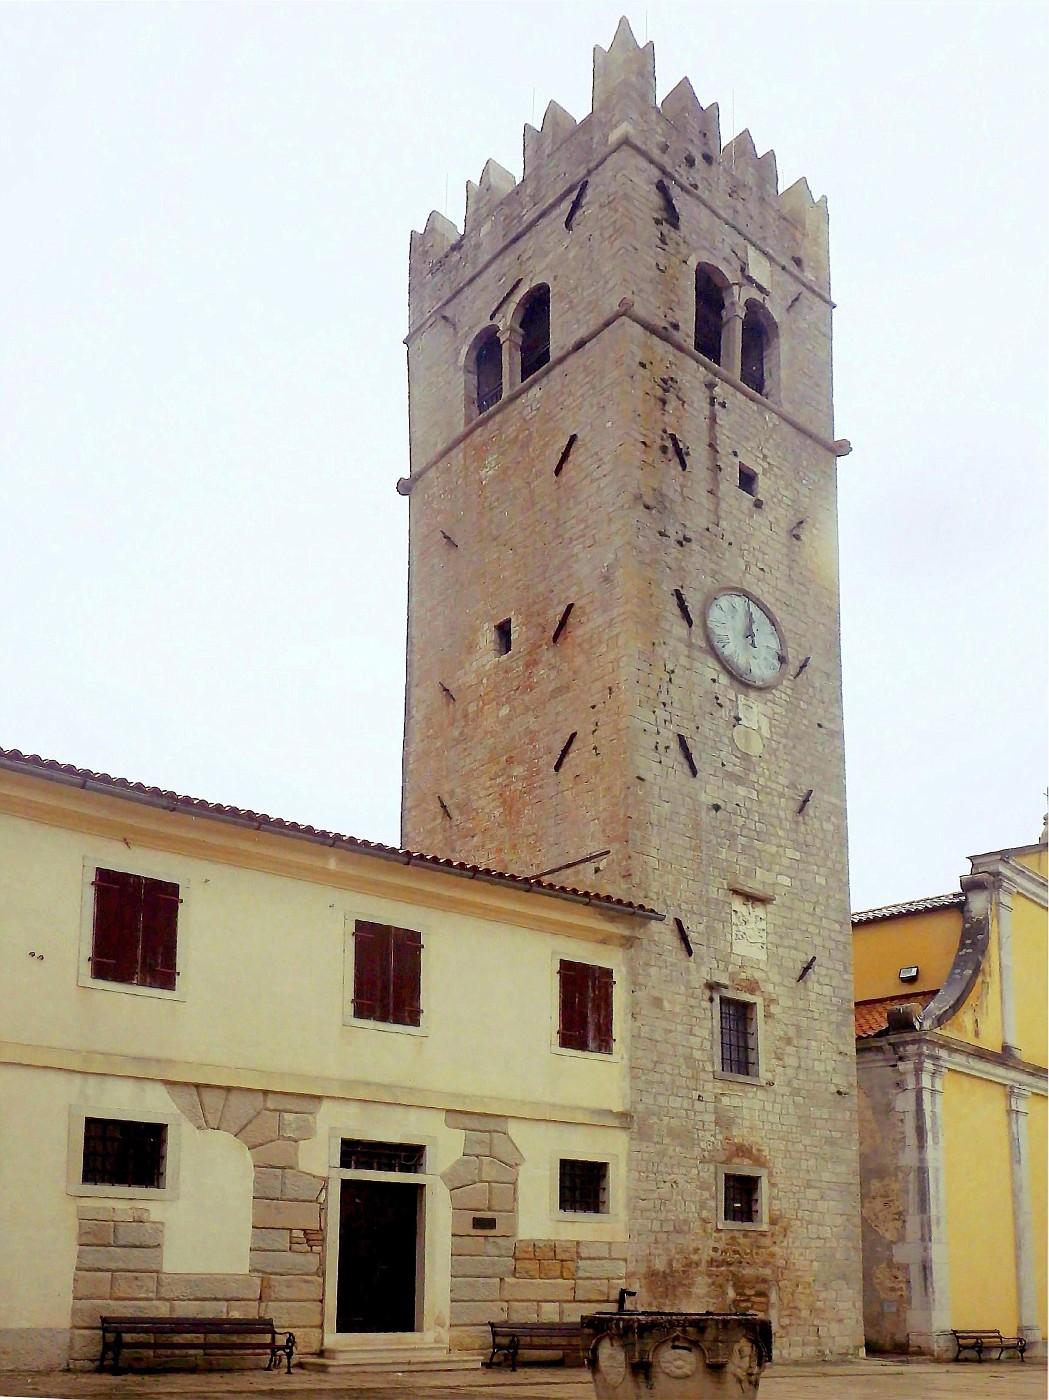 Glockenrutm der Stephanskirche